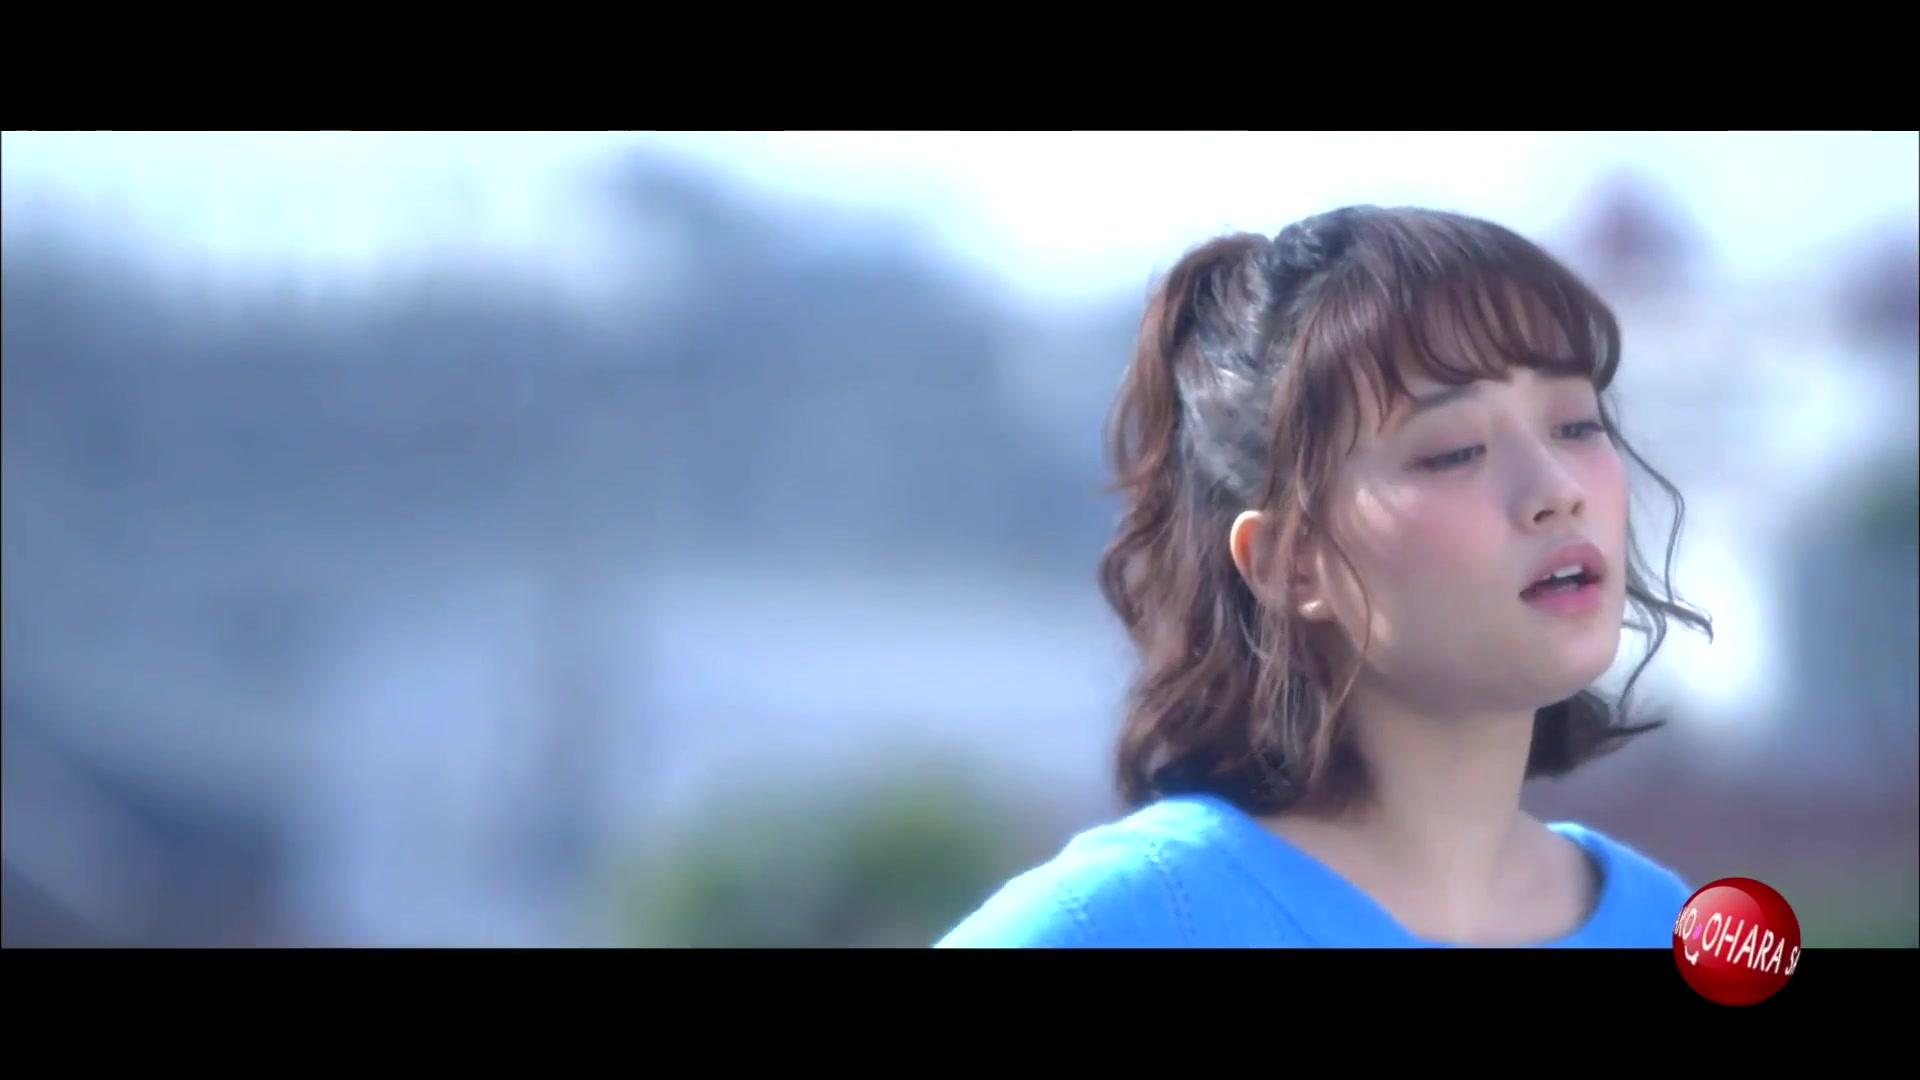 大原櫻子 藍色的季節 啦啦 隊舞2017新曲sp版 哔哩哔哩 つロ